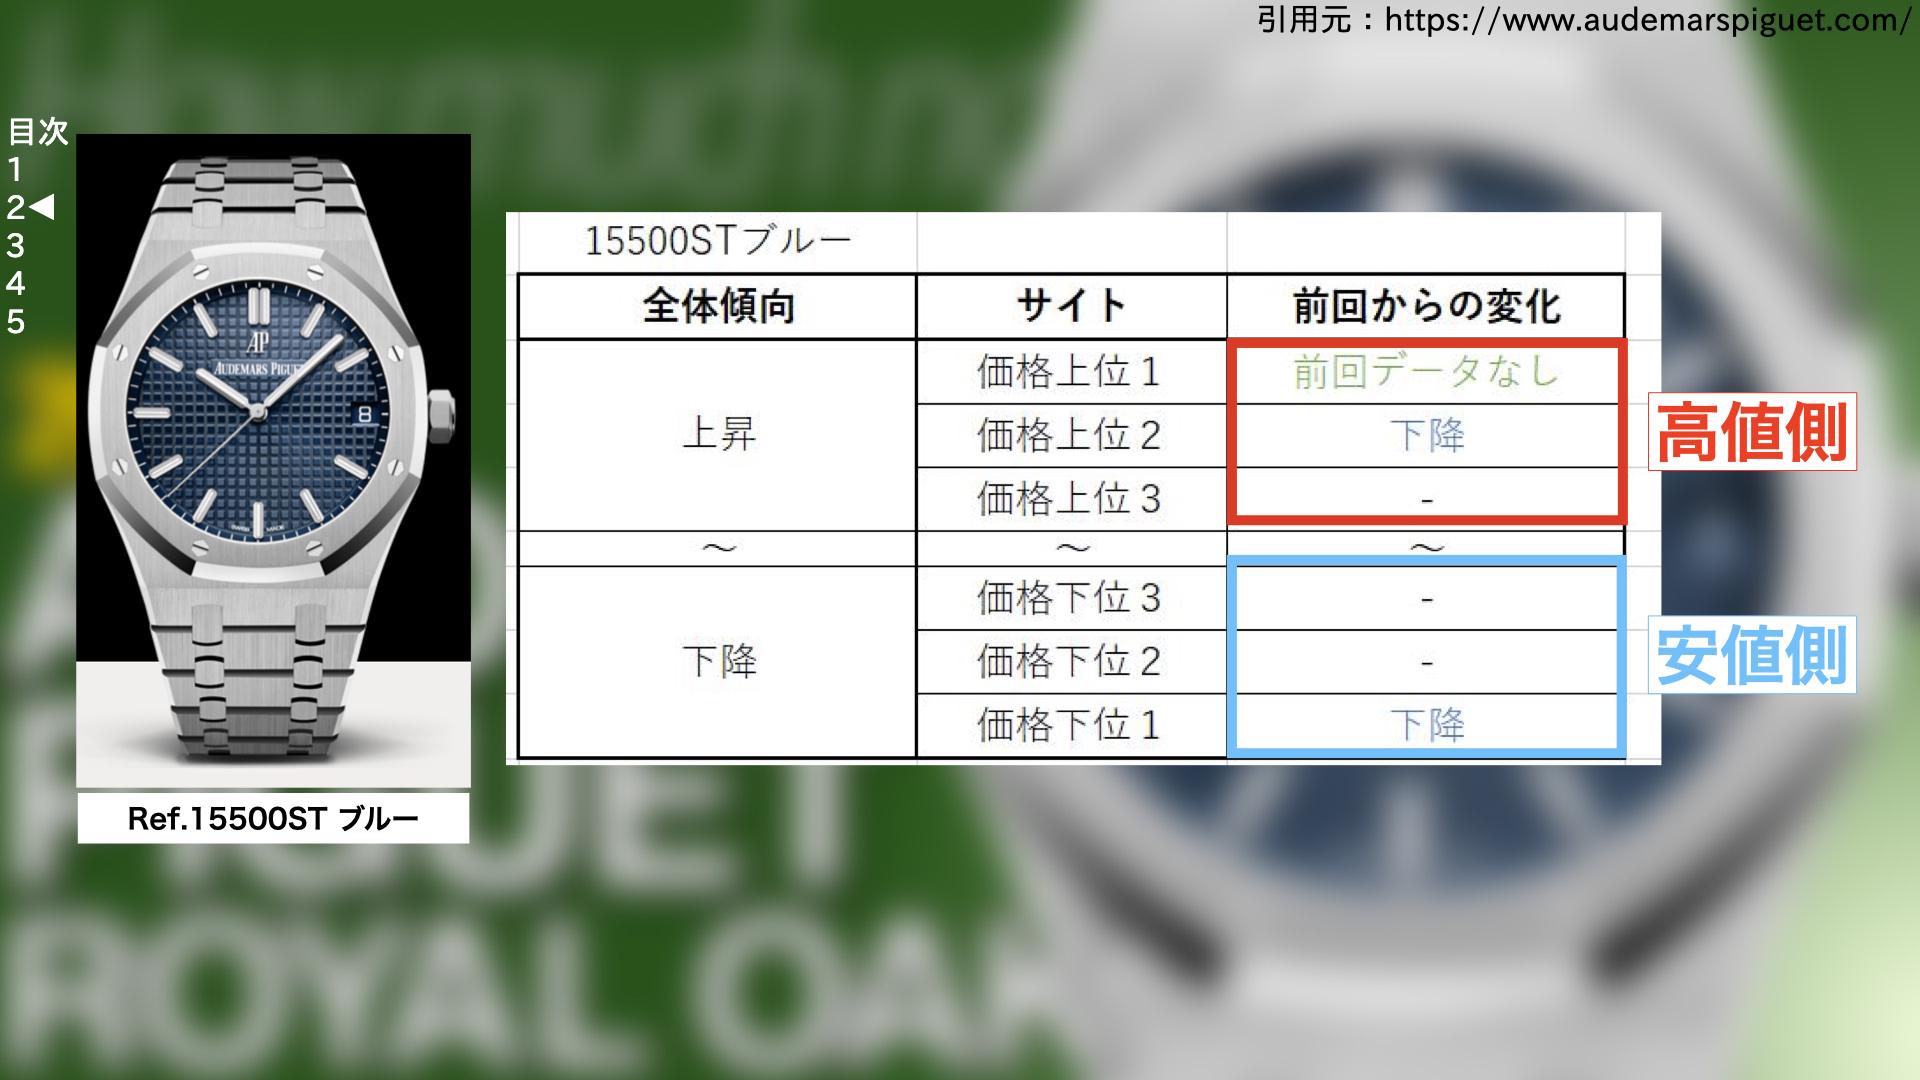 スライド_200418【買取価格】ロイヤルオーク.008